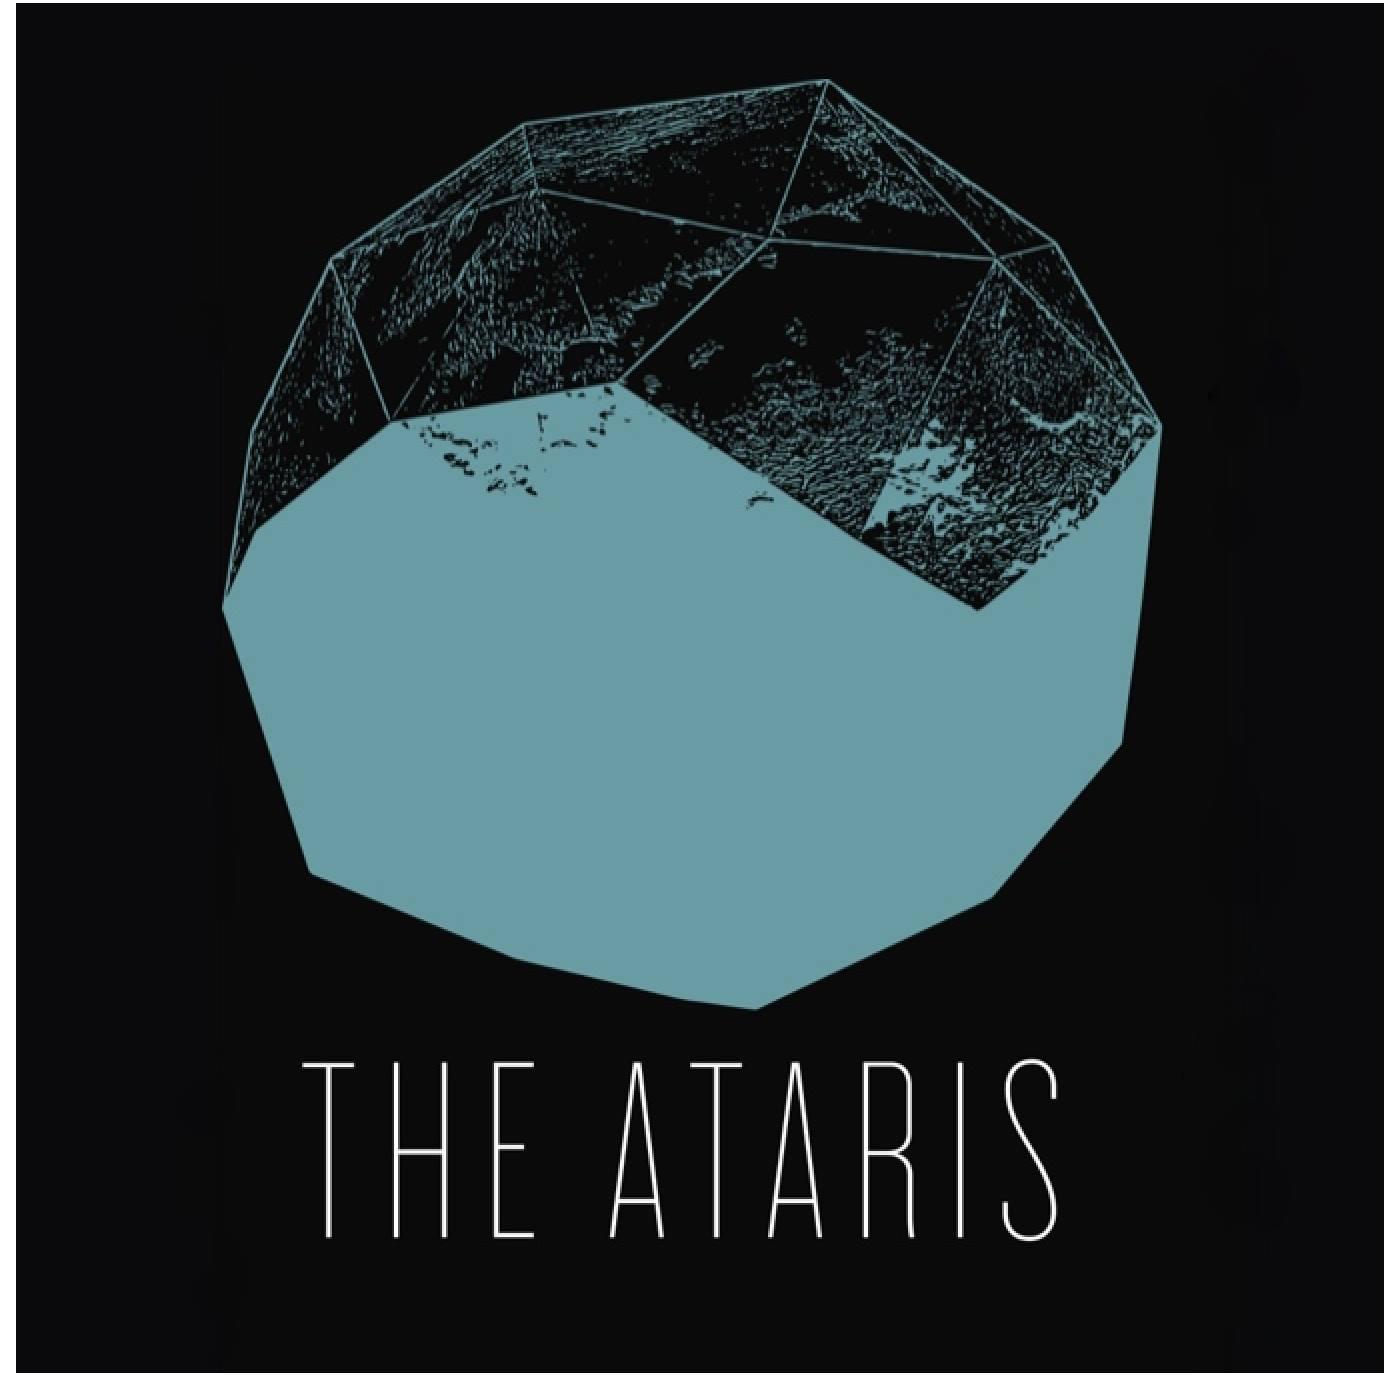 The Ataris